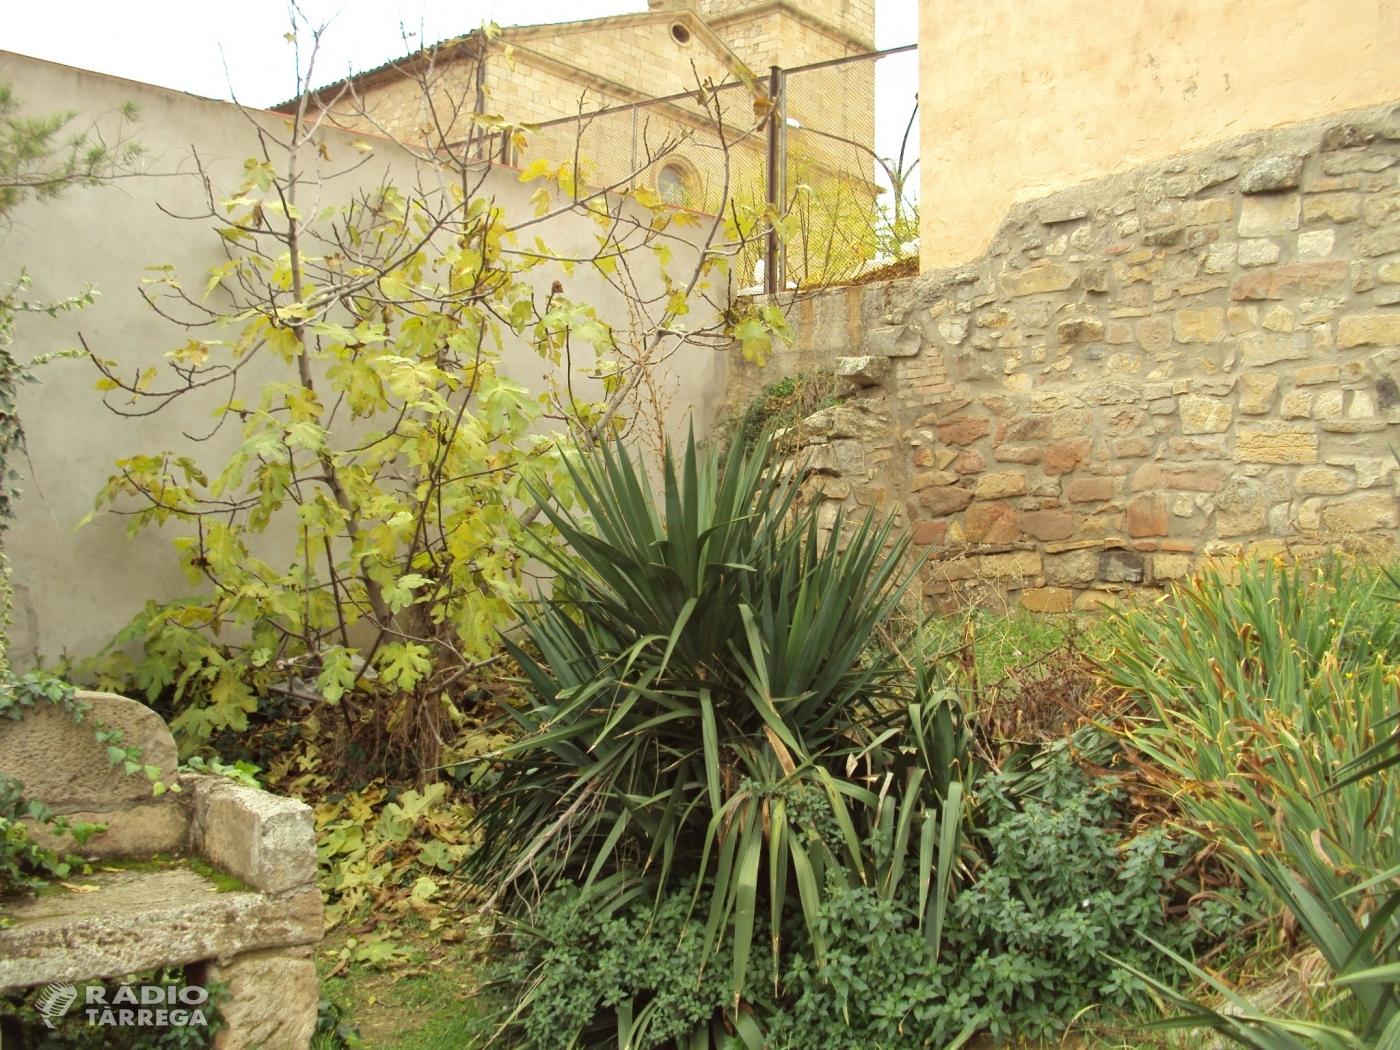 Reurbanització de l'espai del Forn de Nalec